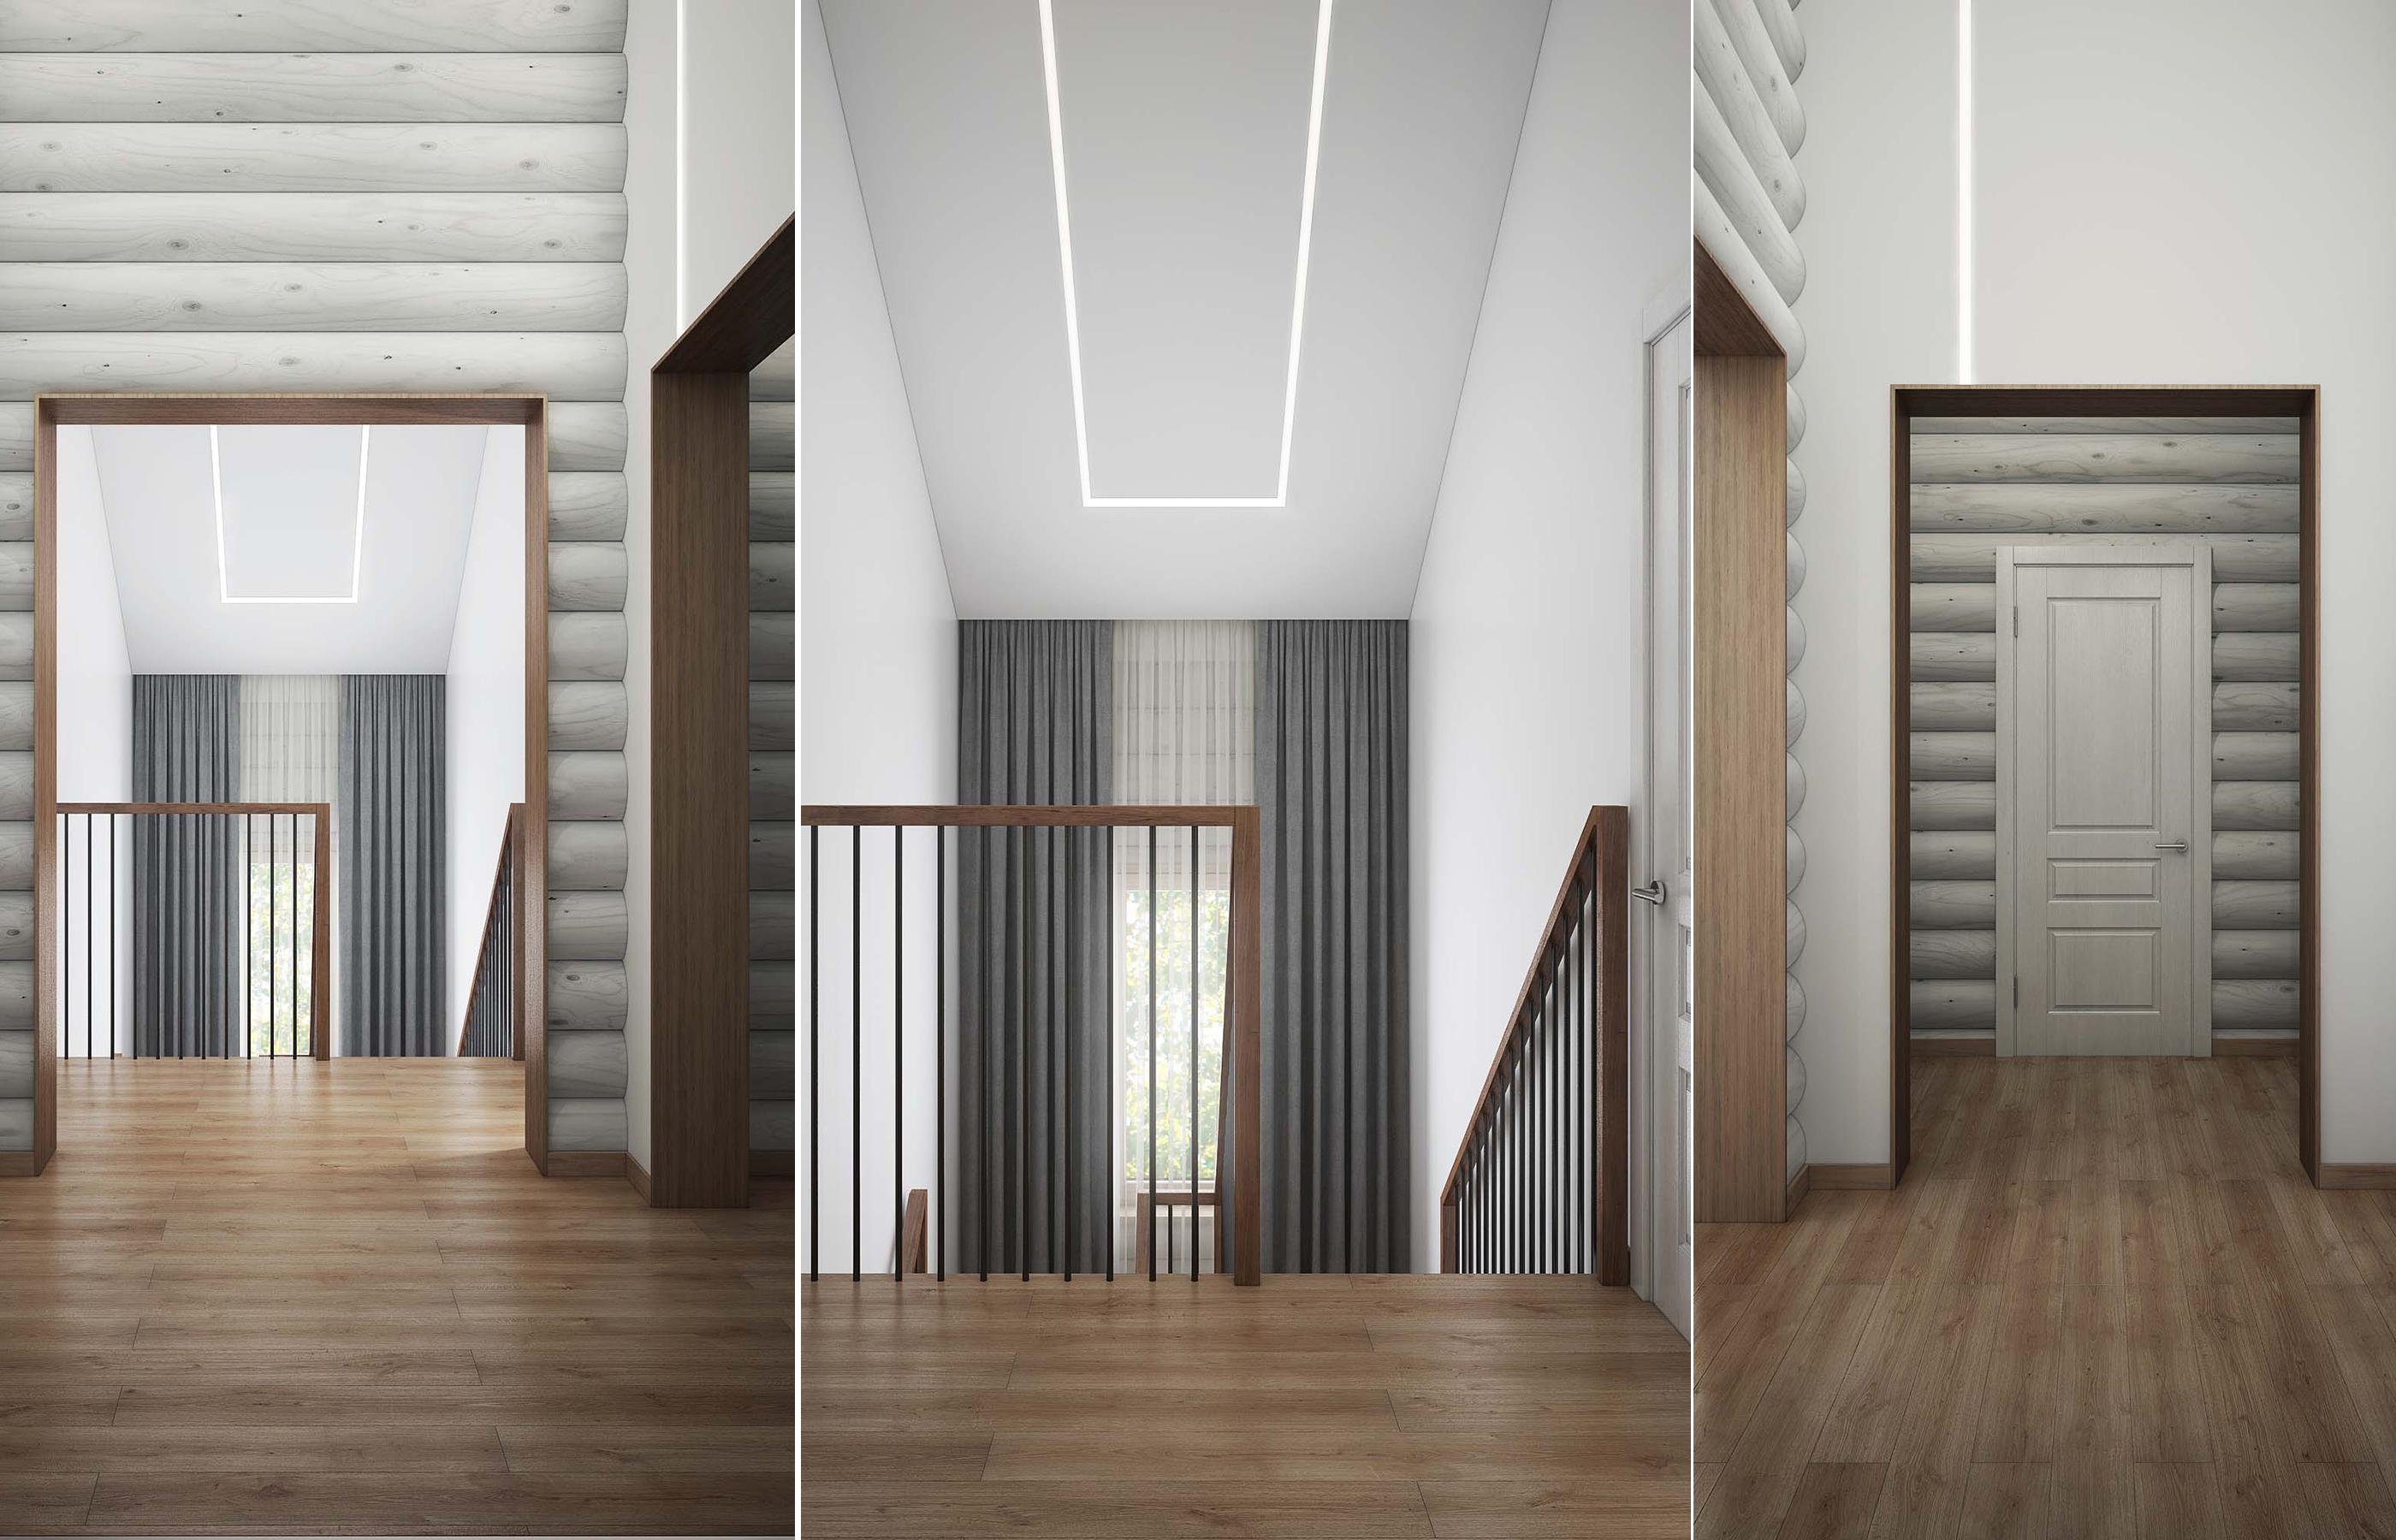 Минималистичный дизайн интерьера в деревянном доме